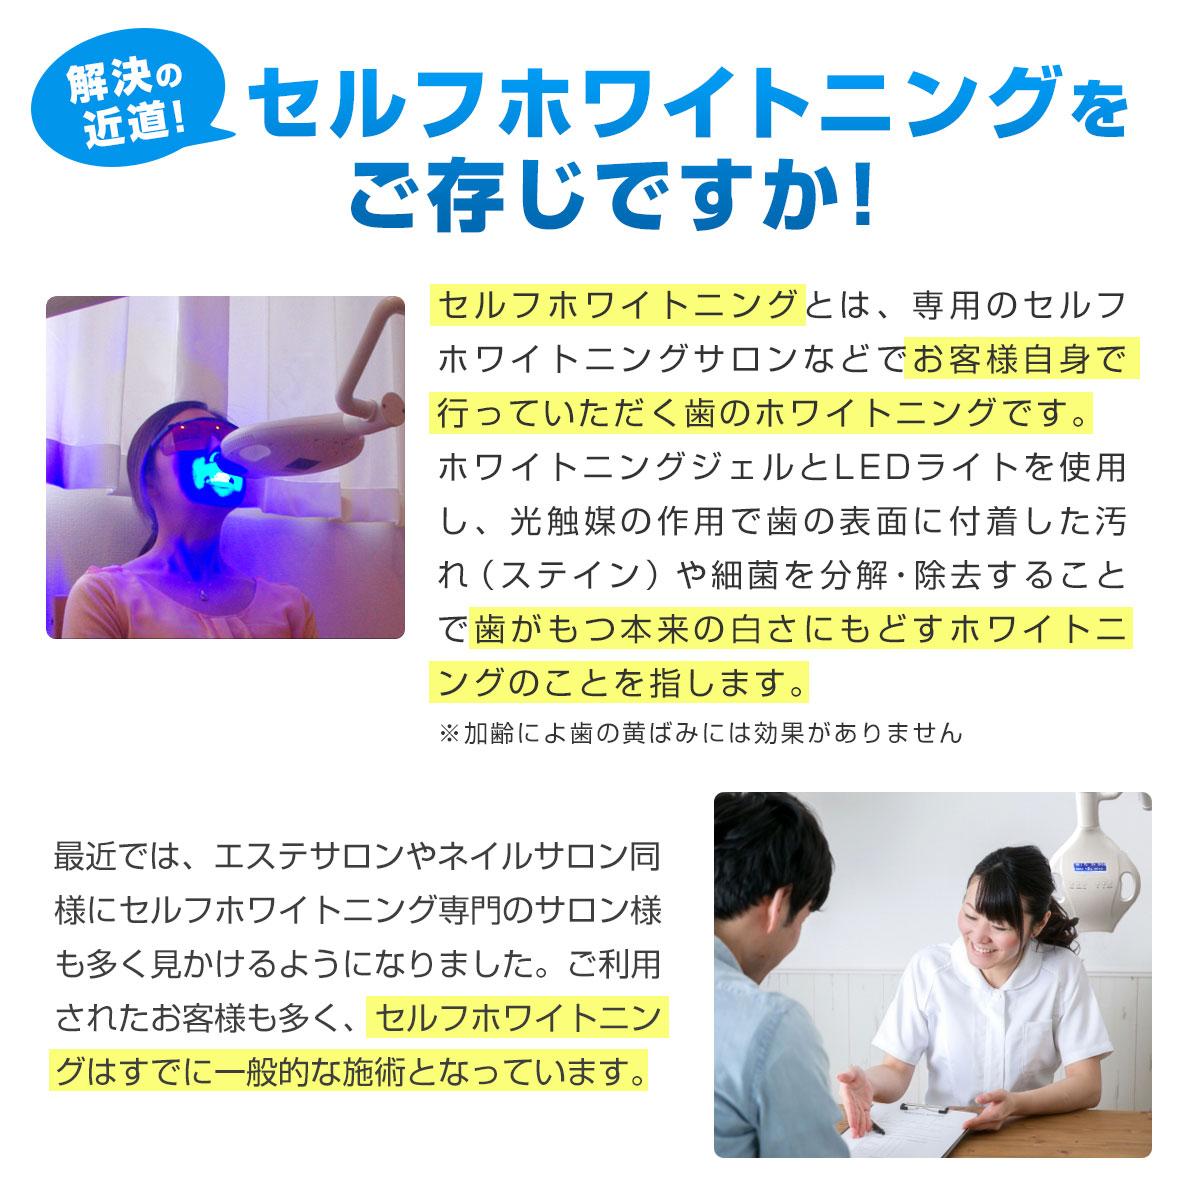 ホワイトWスターライト 強力5灯LED マウスピースは着脱が可能!※水洗いができ衛生的です。